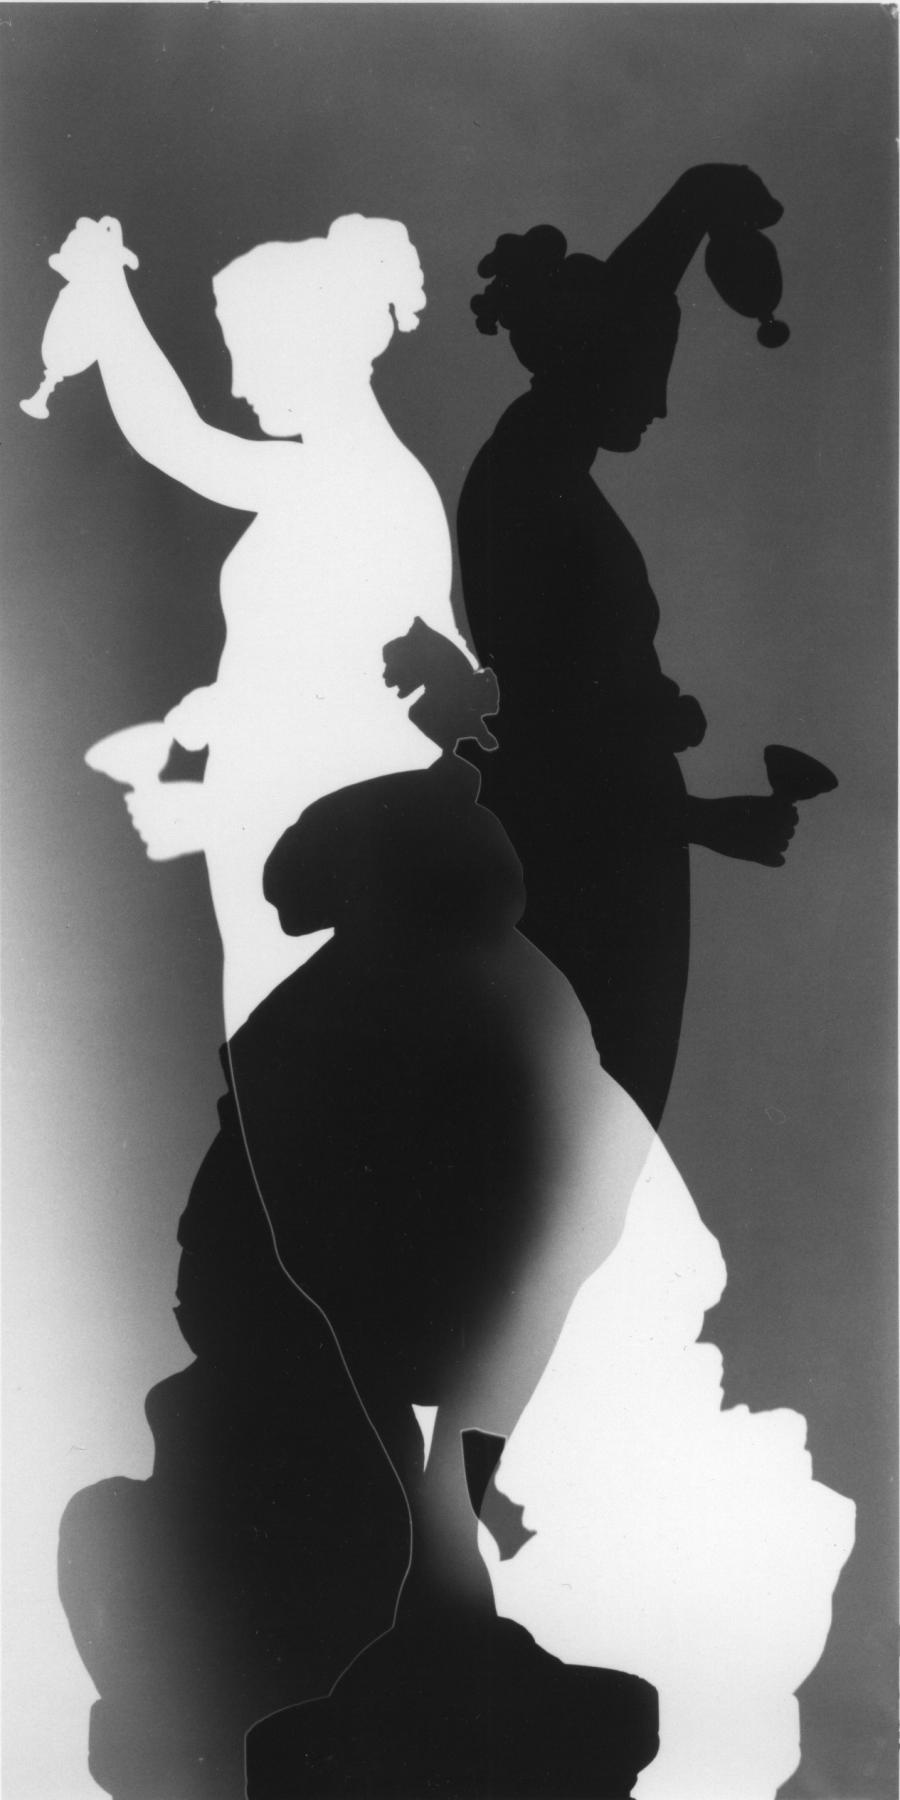 Fotogramm einer Skulptur